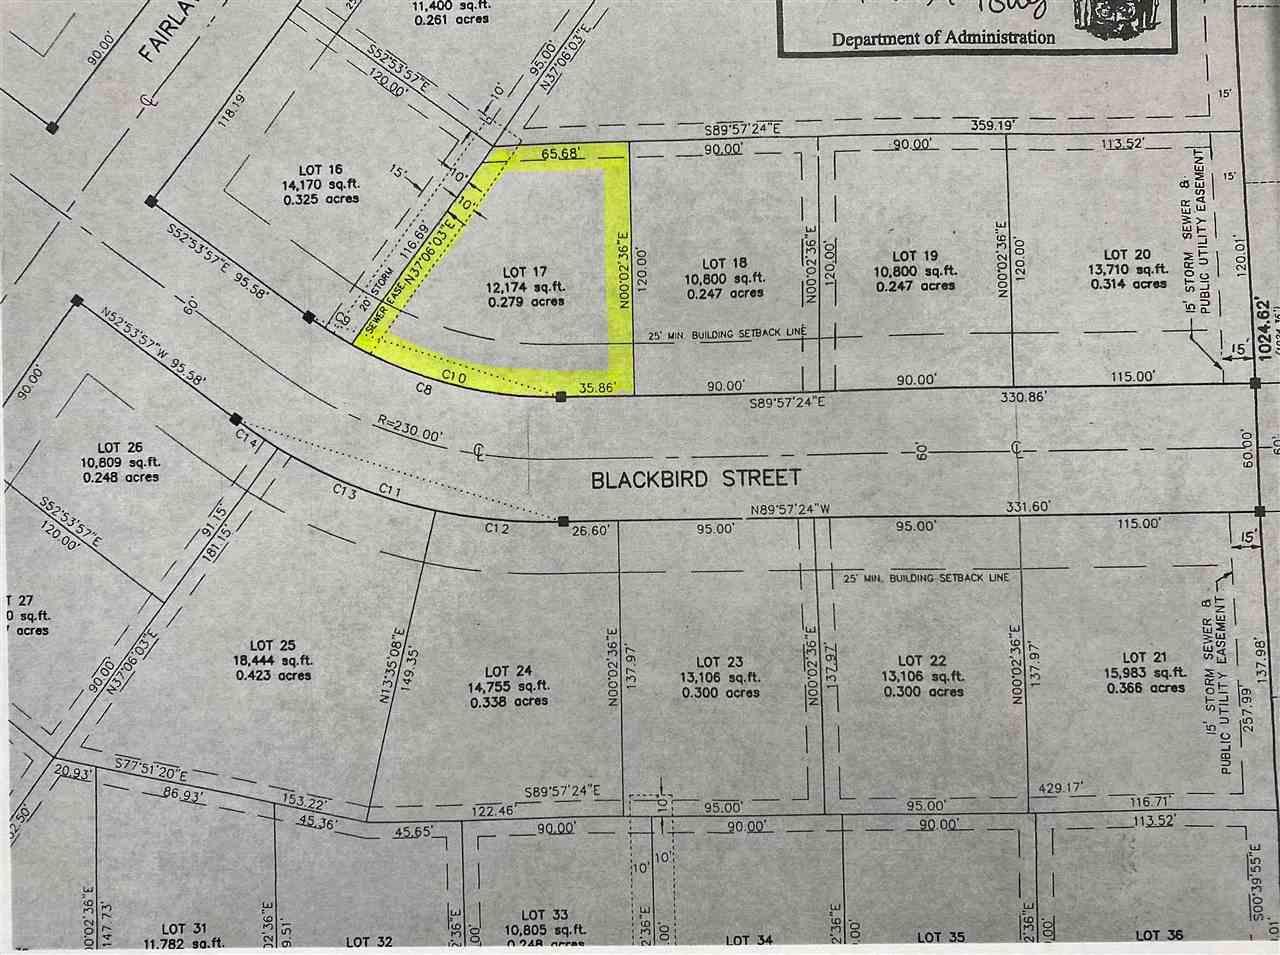 334 BLACKBIRD STREET STREET, NORTH FOND DU LAC, WI 54937